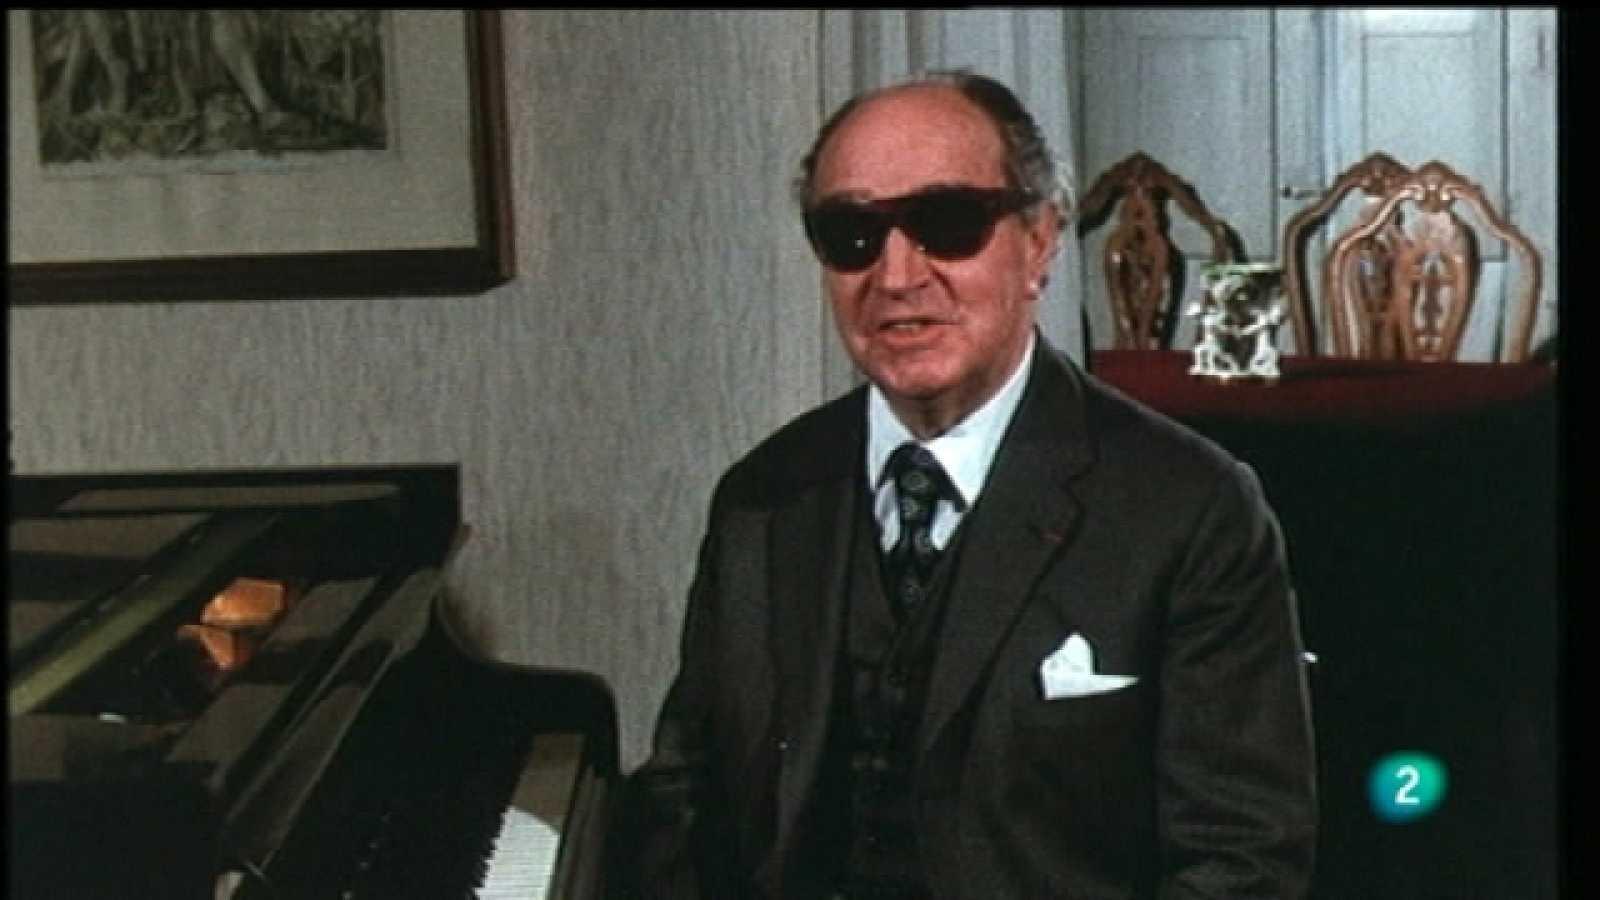 La mitad invisible - Concierto de Aranjuez-Rodrigo - Ver ahora